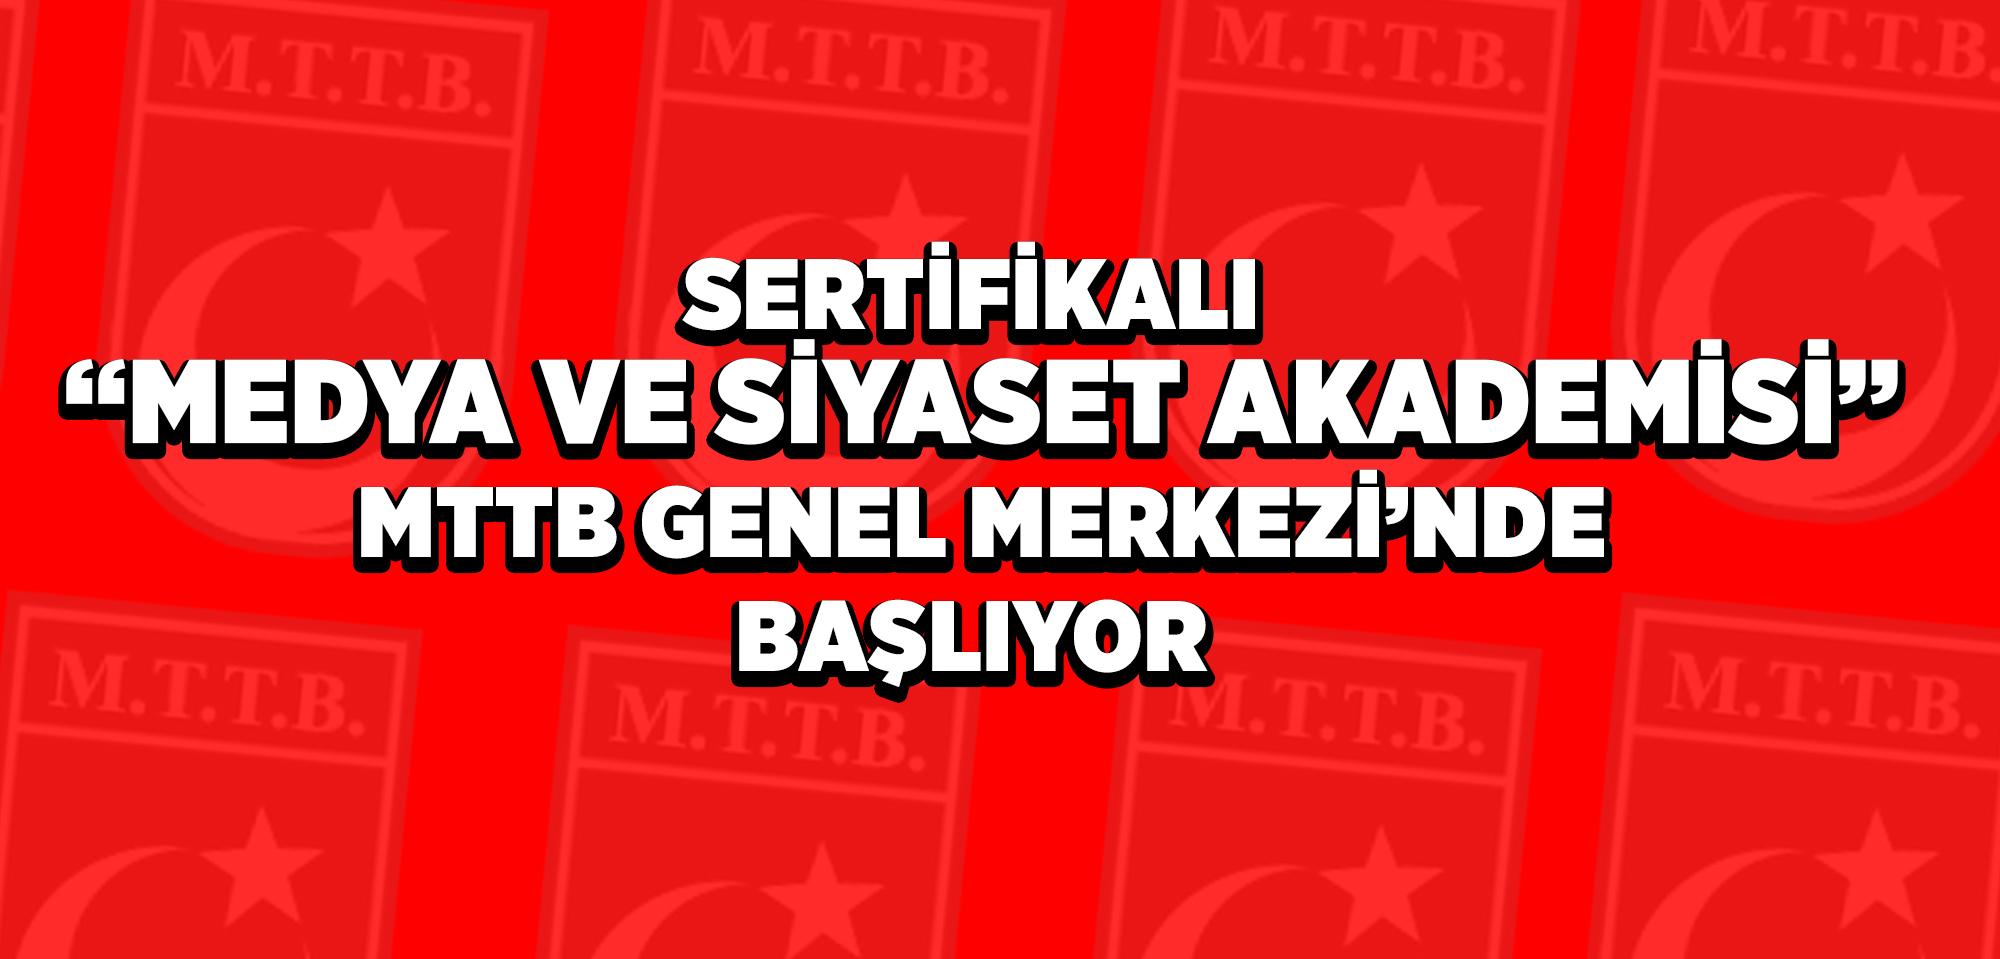 Sertifikalı 'Medya ve Siyaset Akademisi' MTTB'de Devam ediyor !